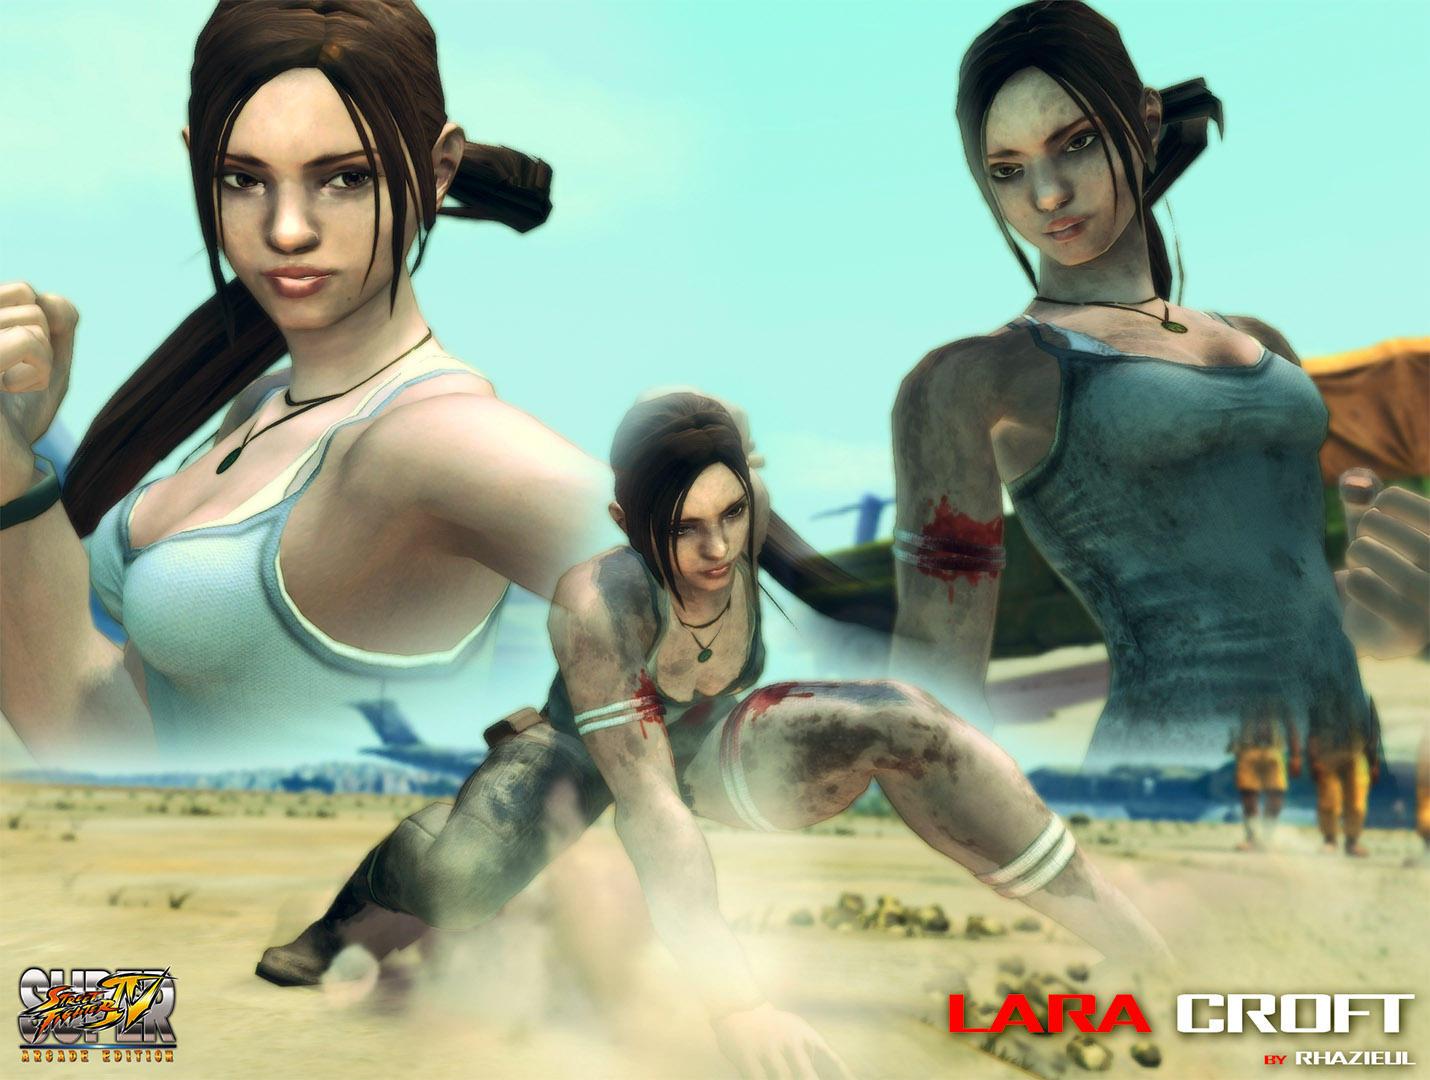 Cammy - Lara Croft mod by Rhazieul